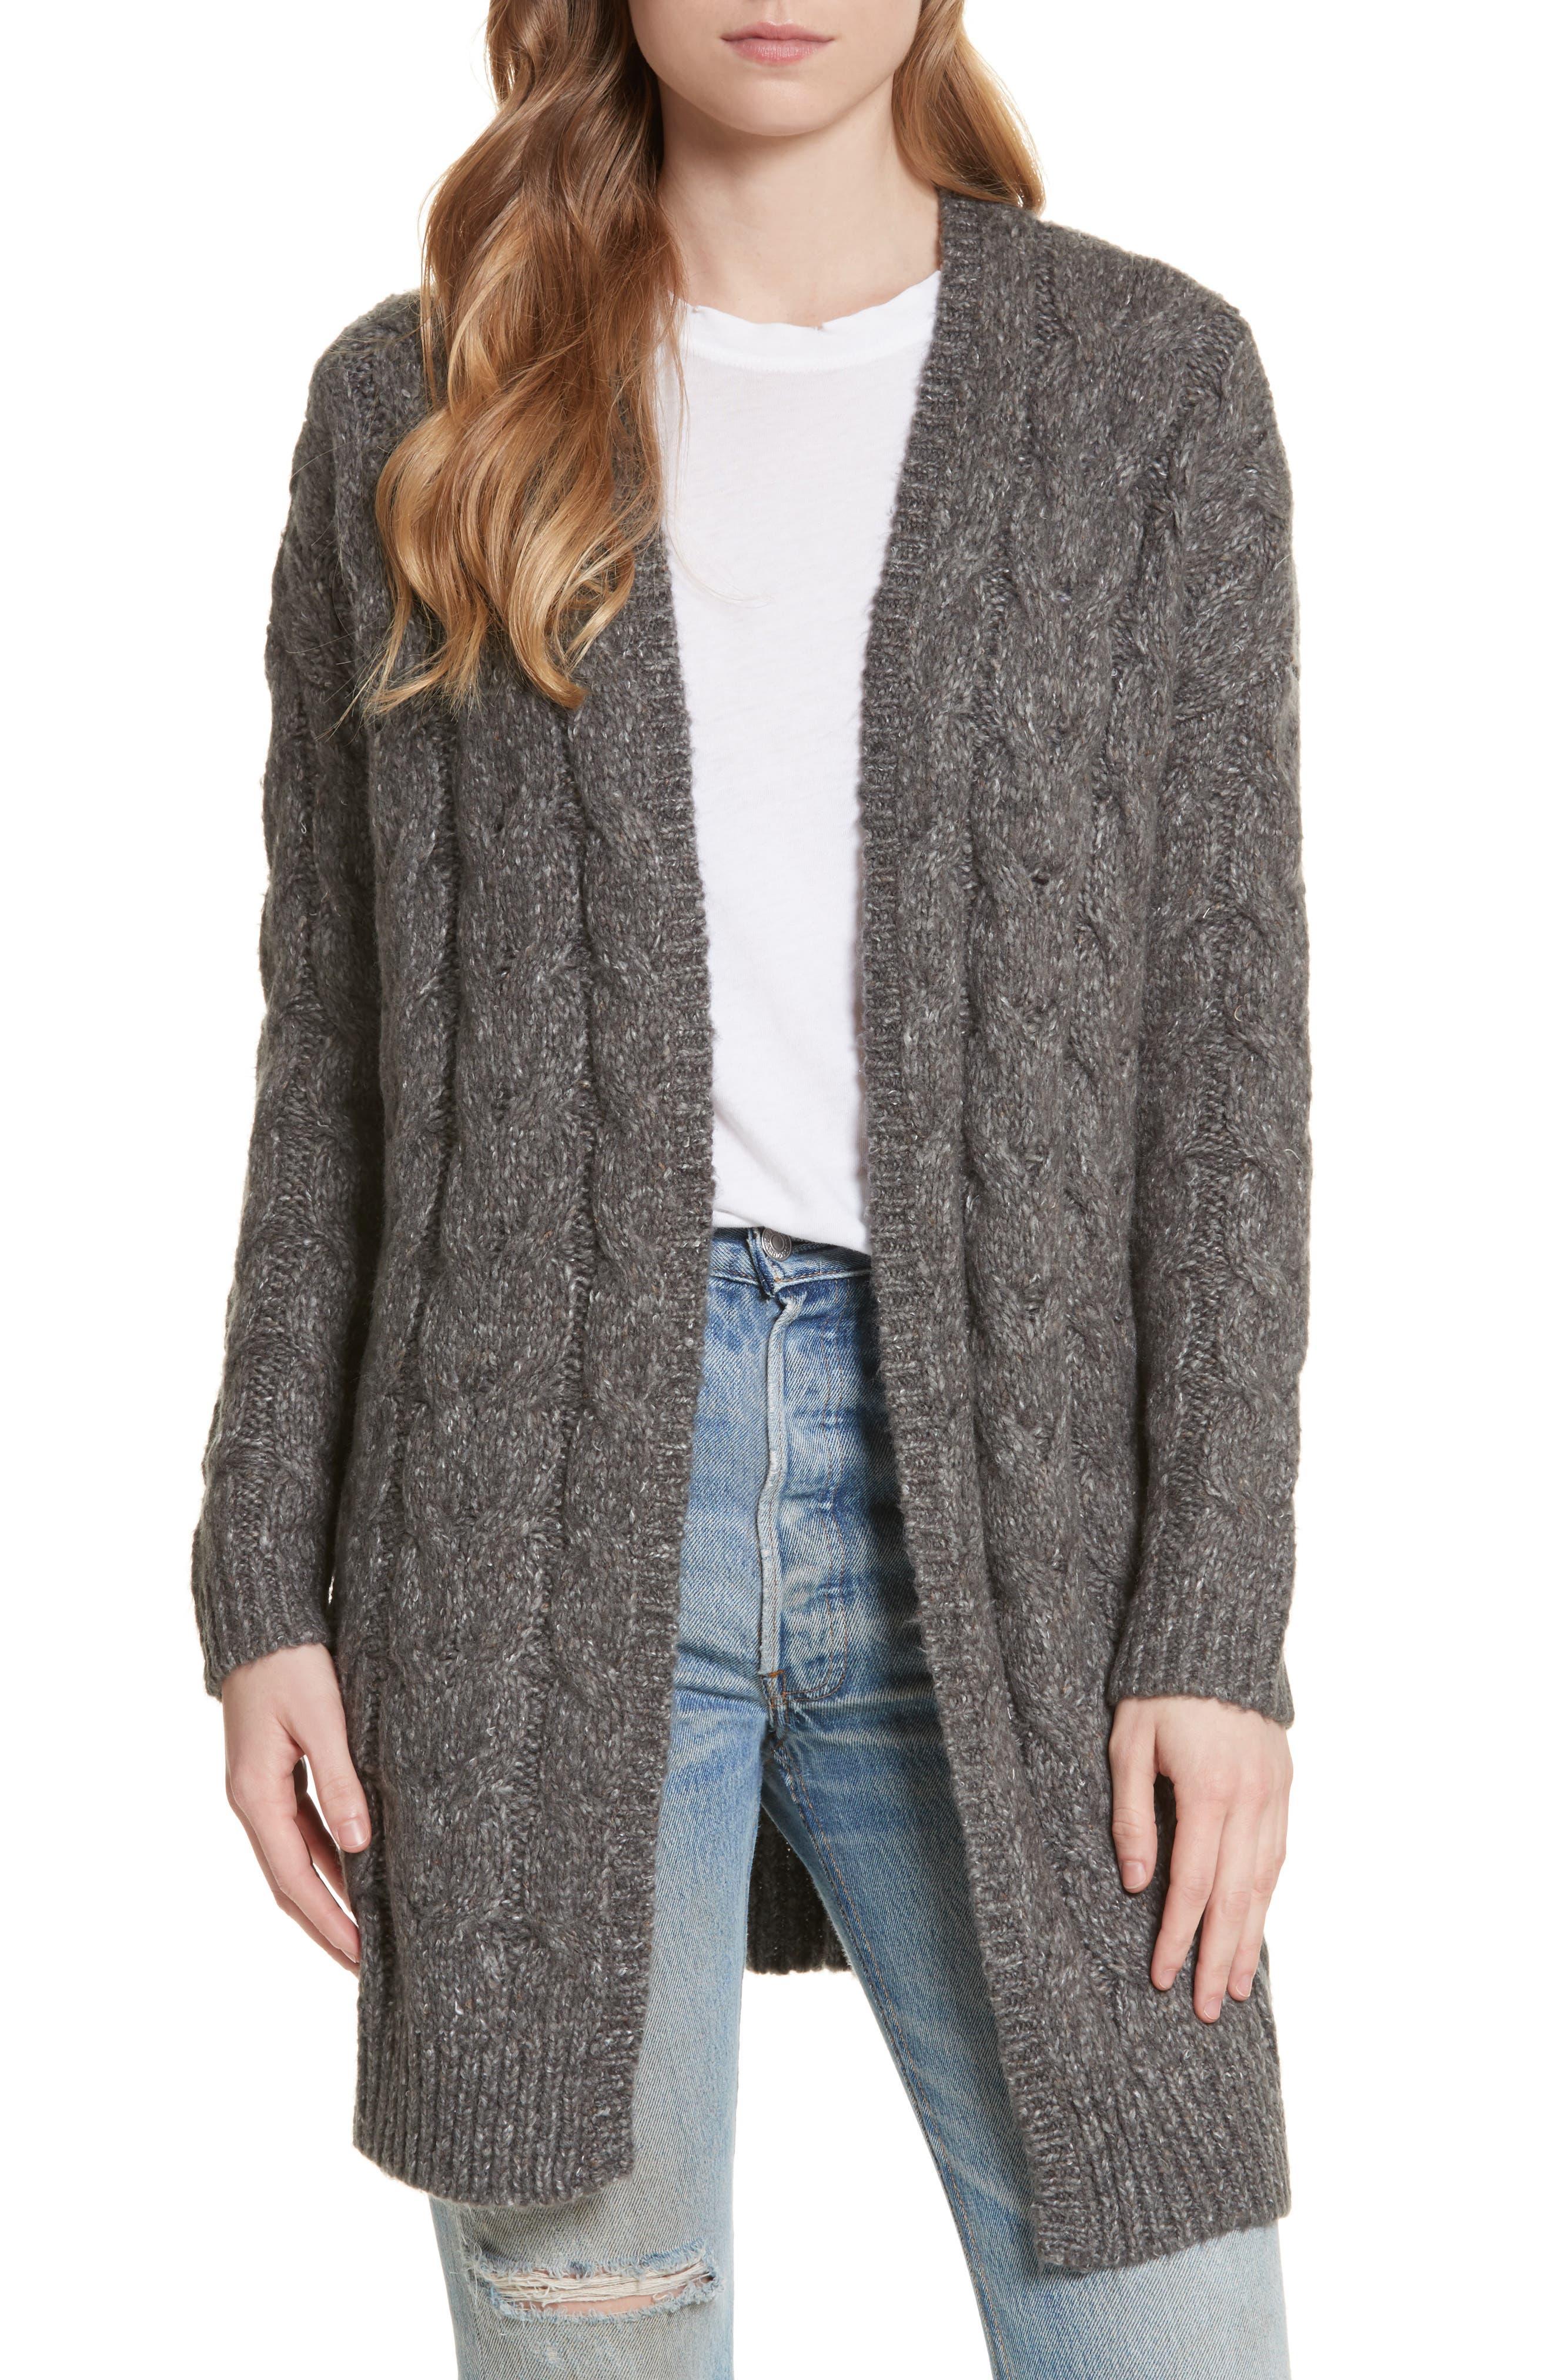 Tienna Cable-Knit Cardigan,                         Main,                         color, Dark Heather Grey